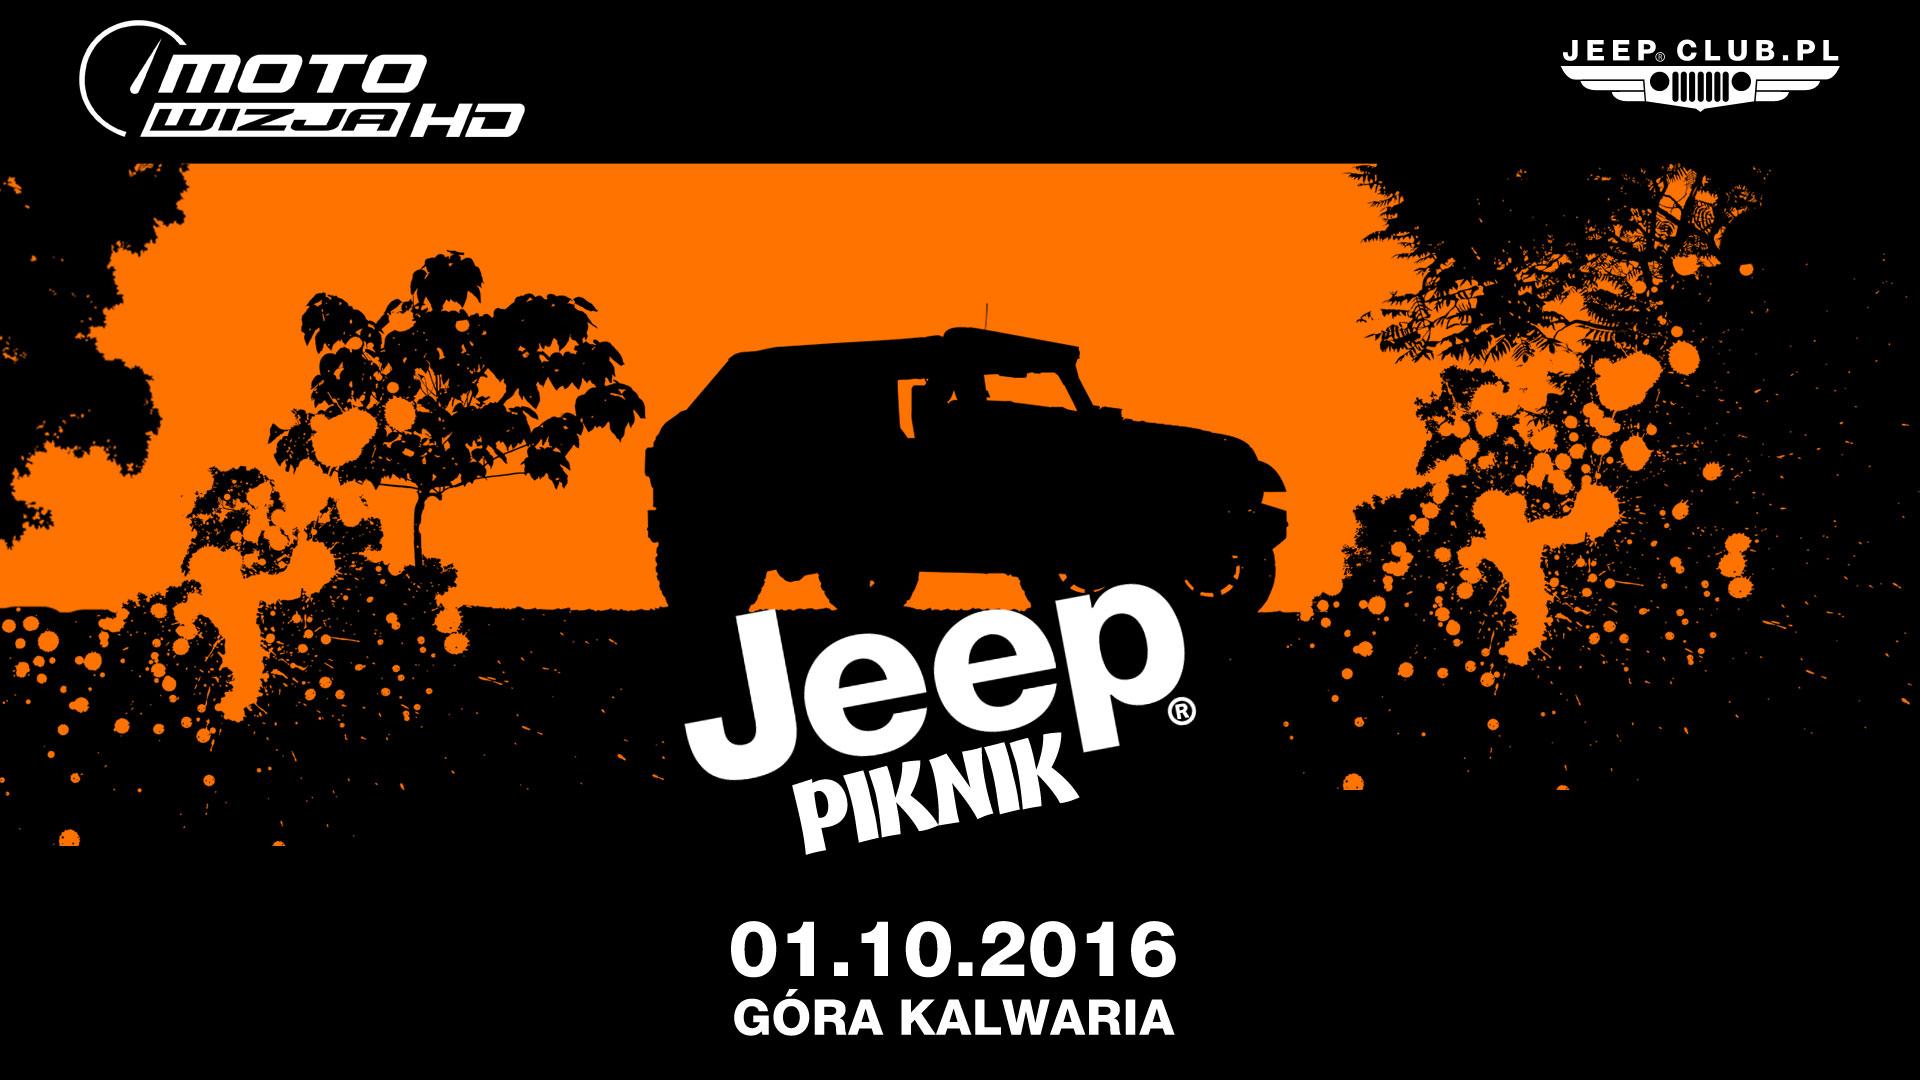 Jeep piknik - Motowizja zaprasza!